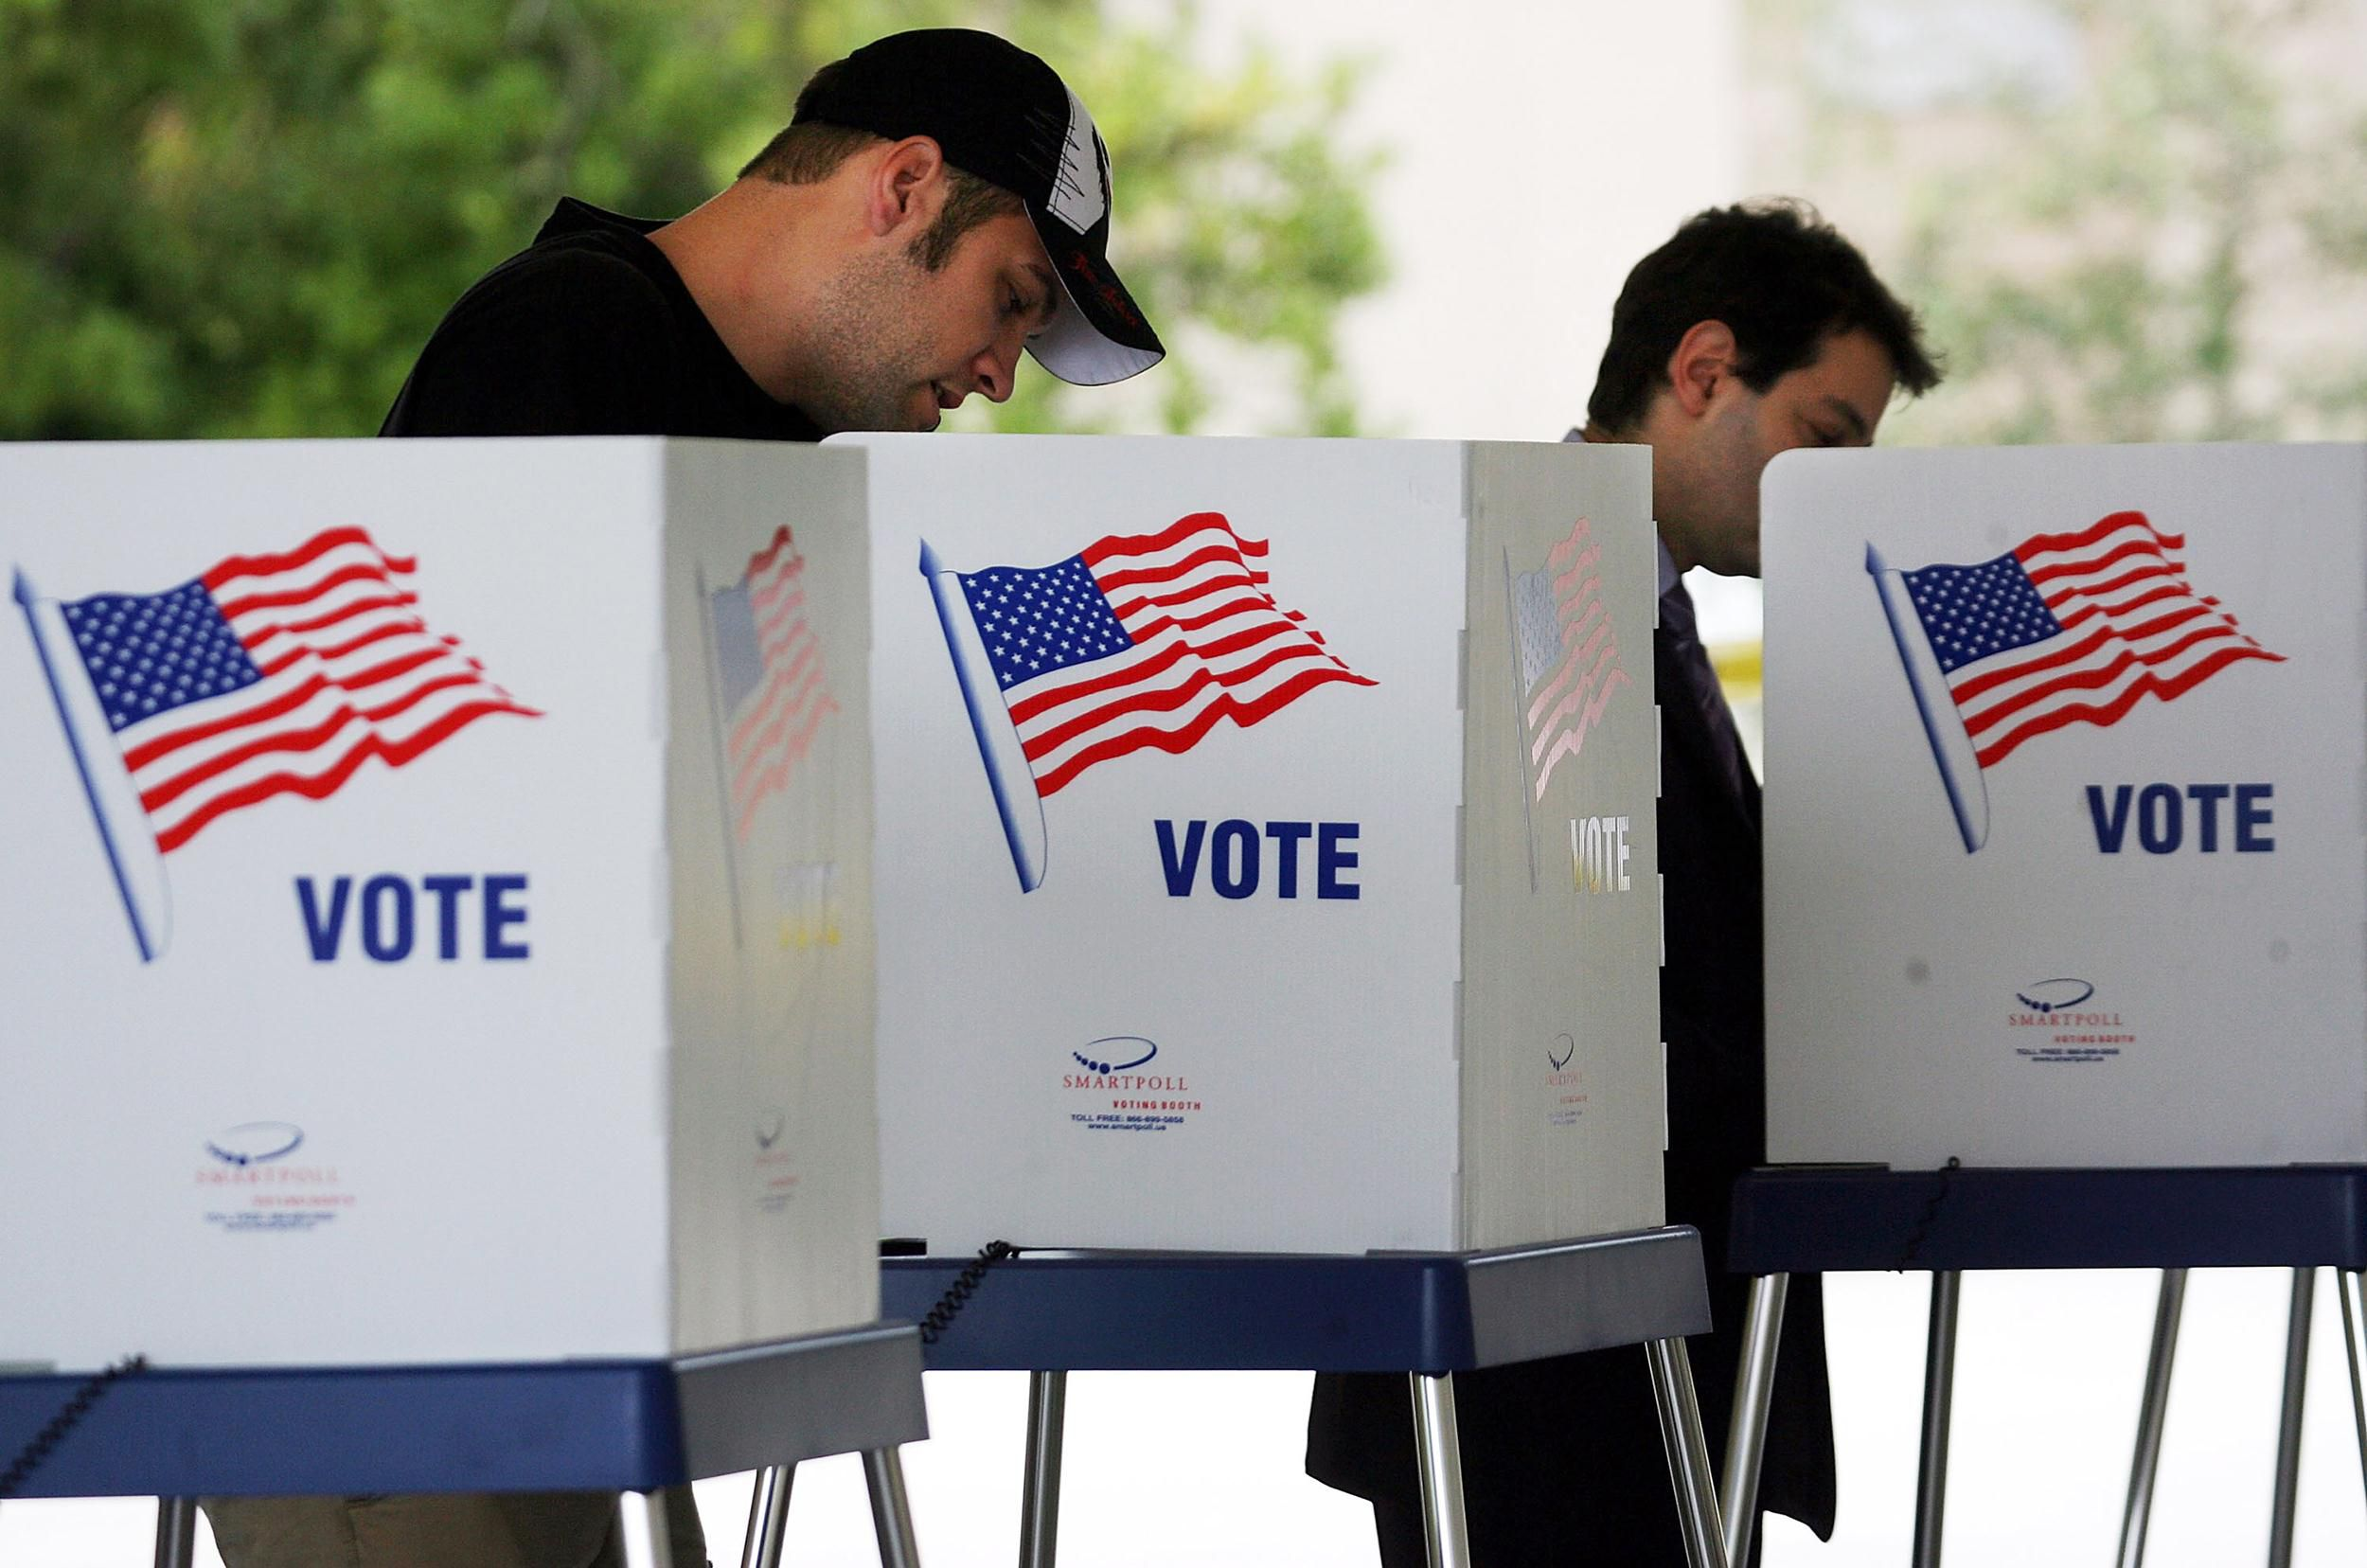 آمریکایی ها انتخابات را چطور می بینند؟